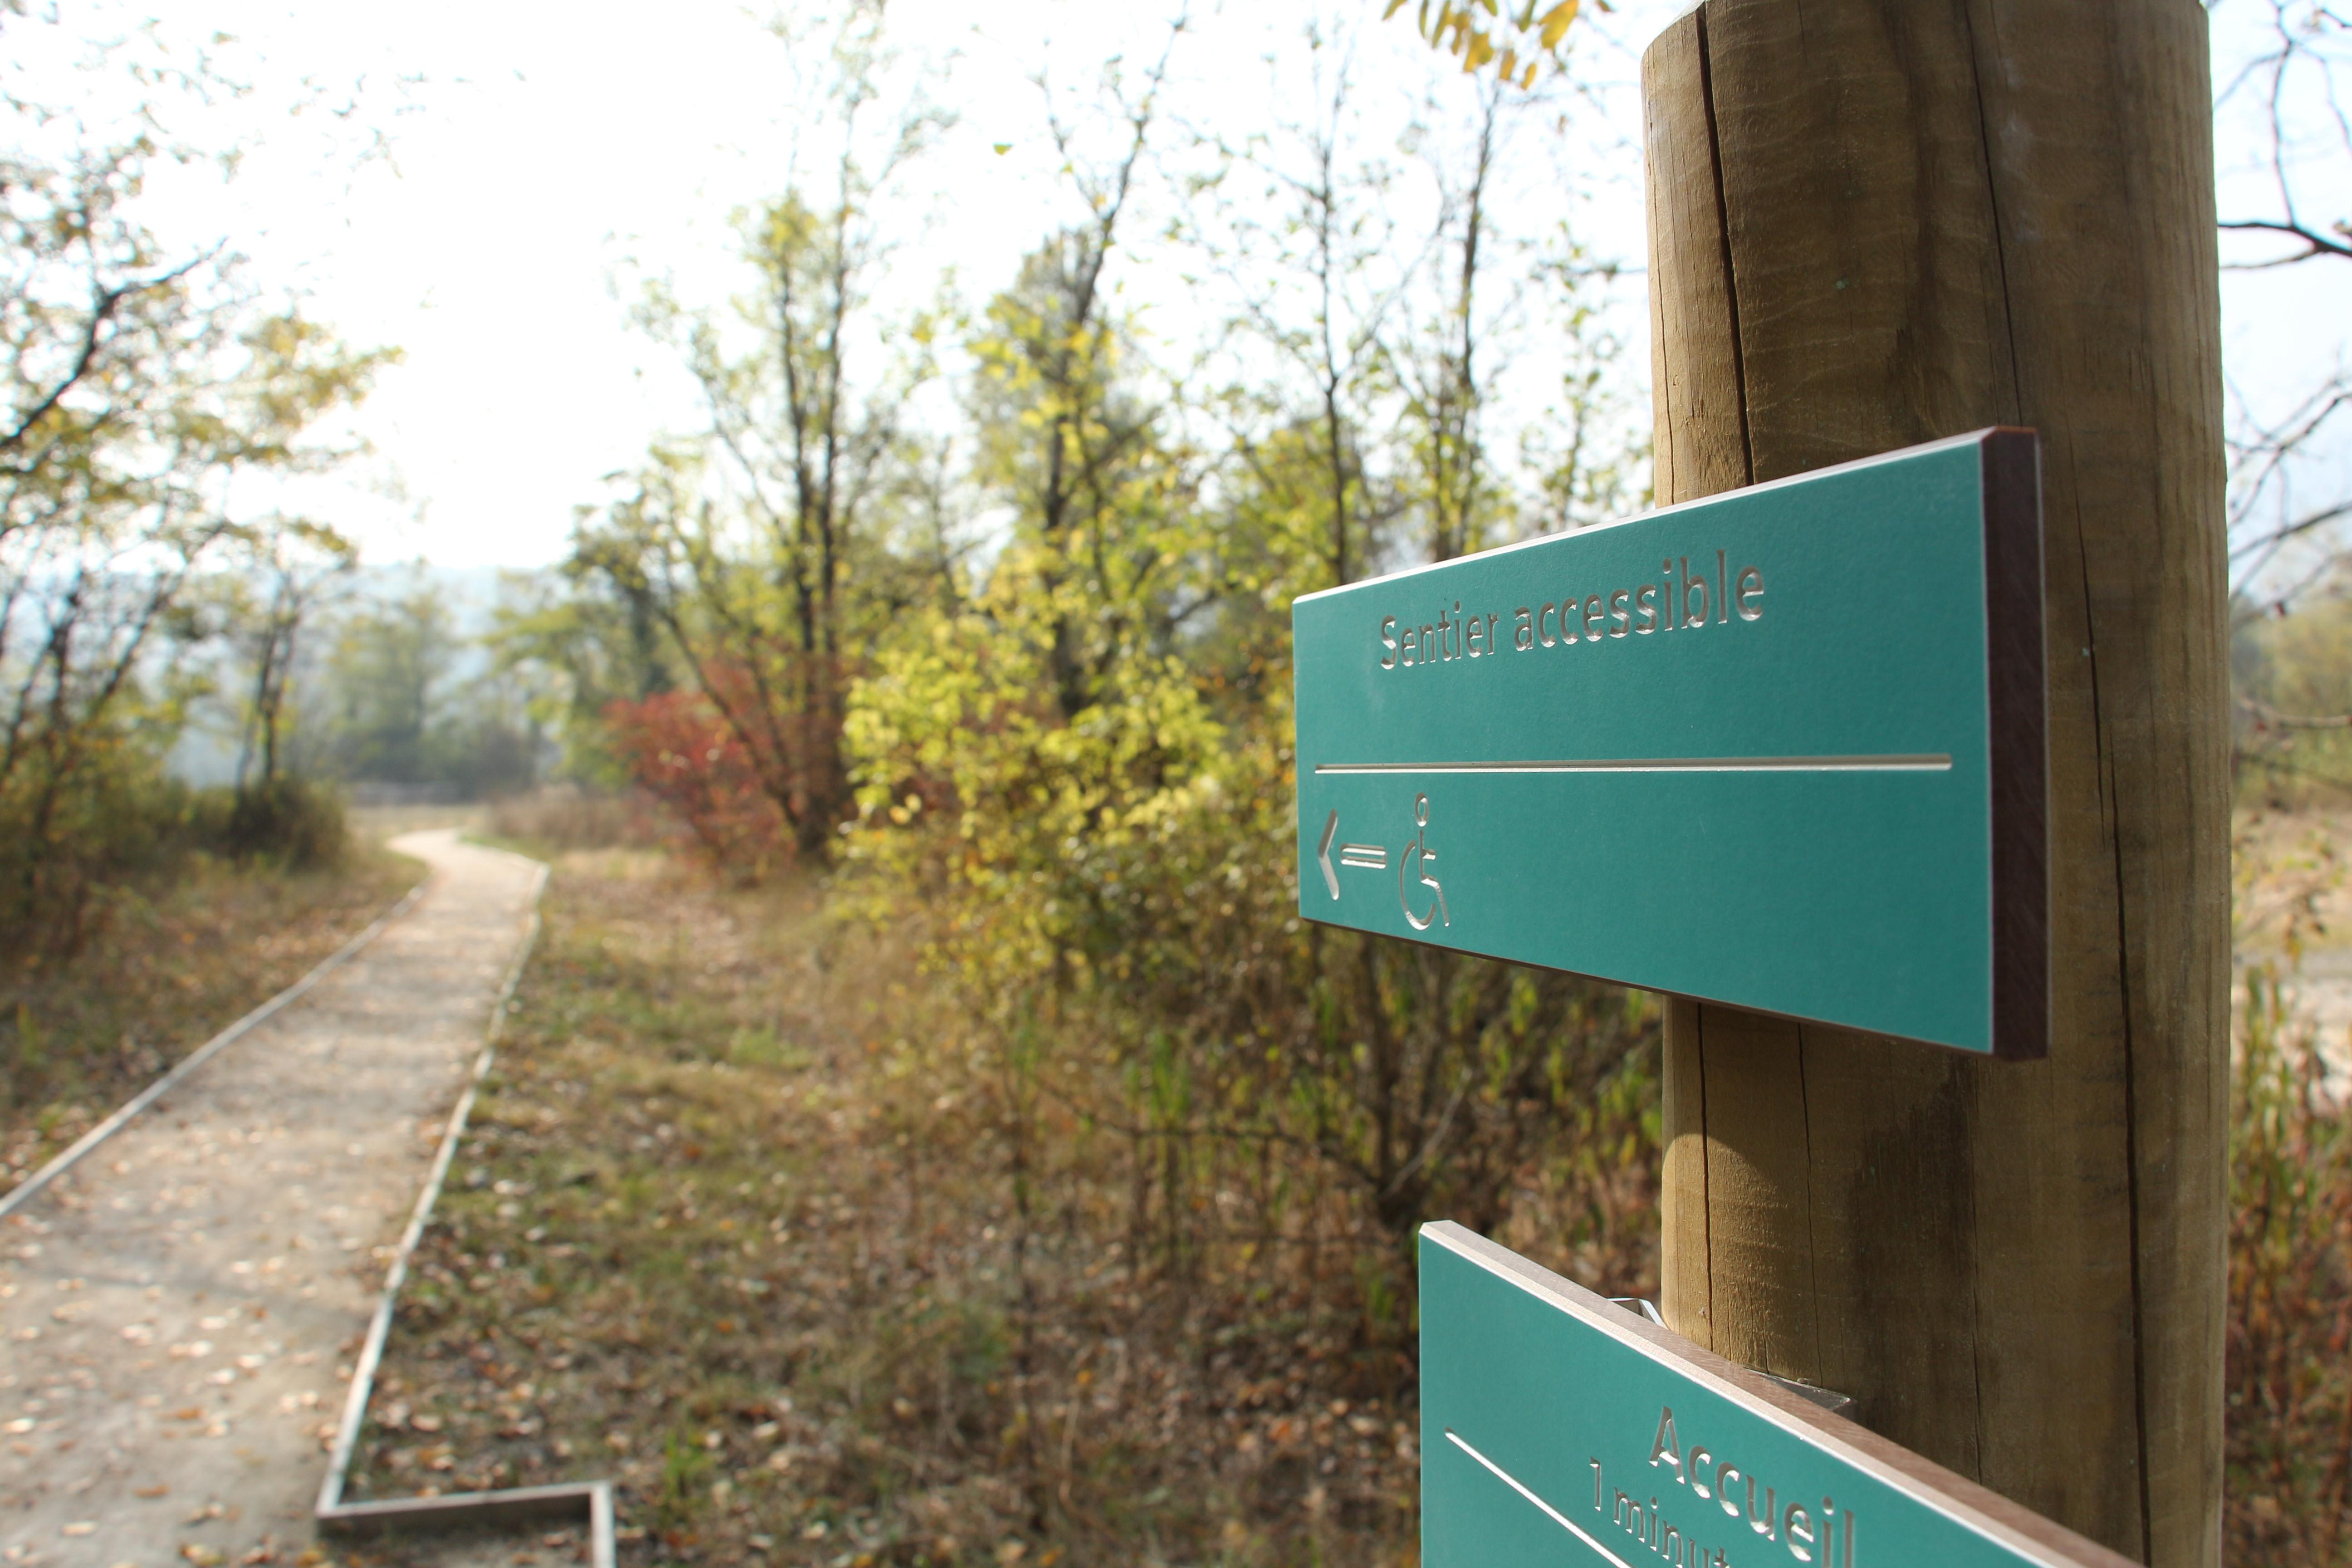 Sentier accessible tous handicaps, marais de l'Etournel @ Marjorie Leorier